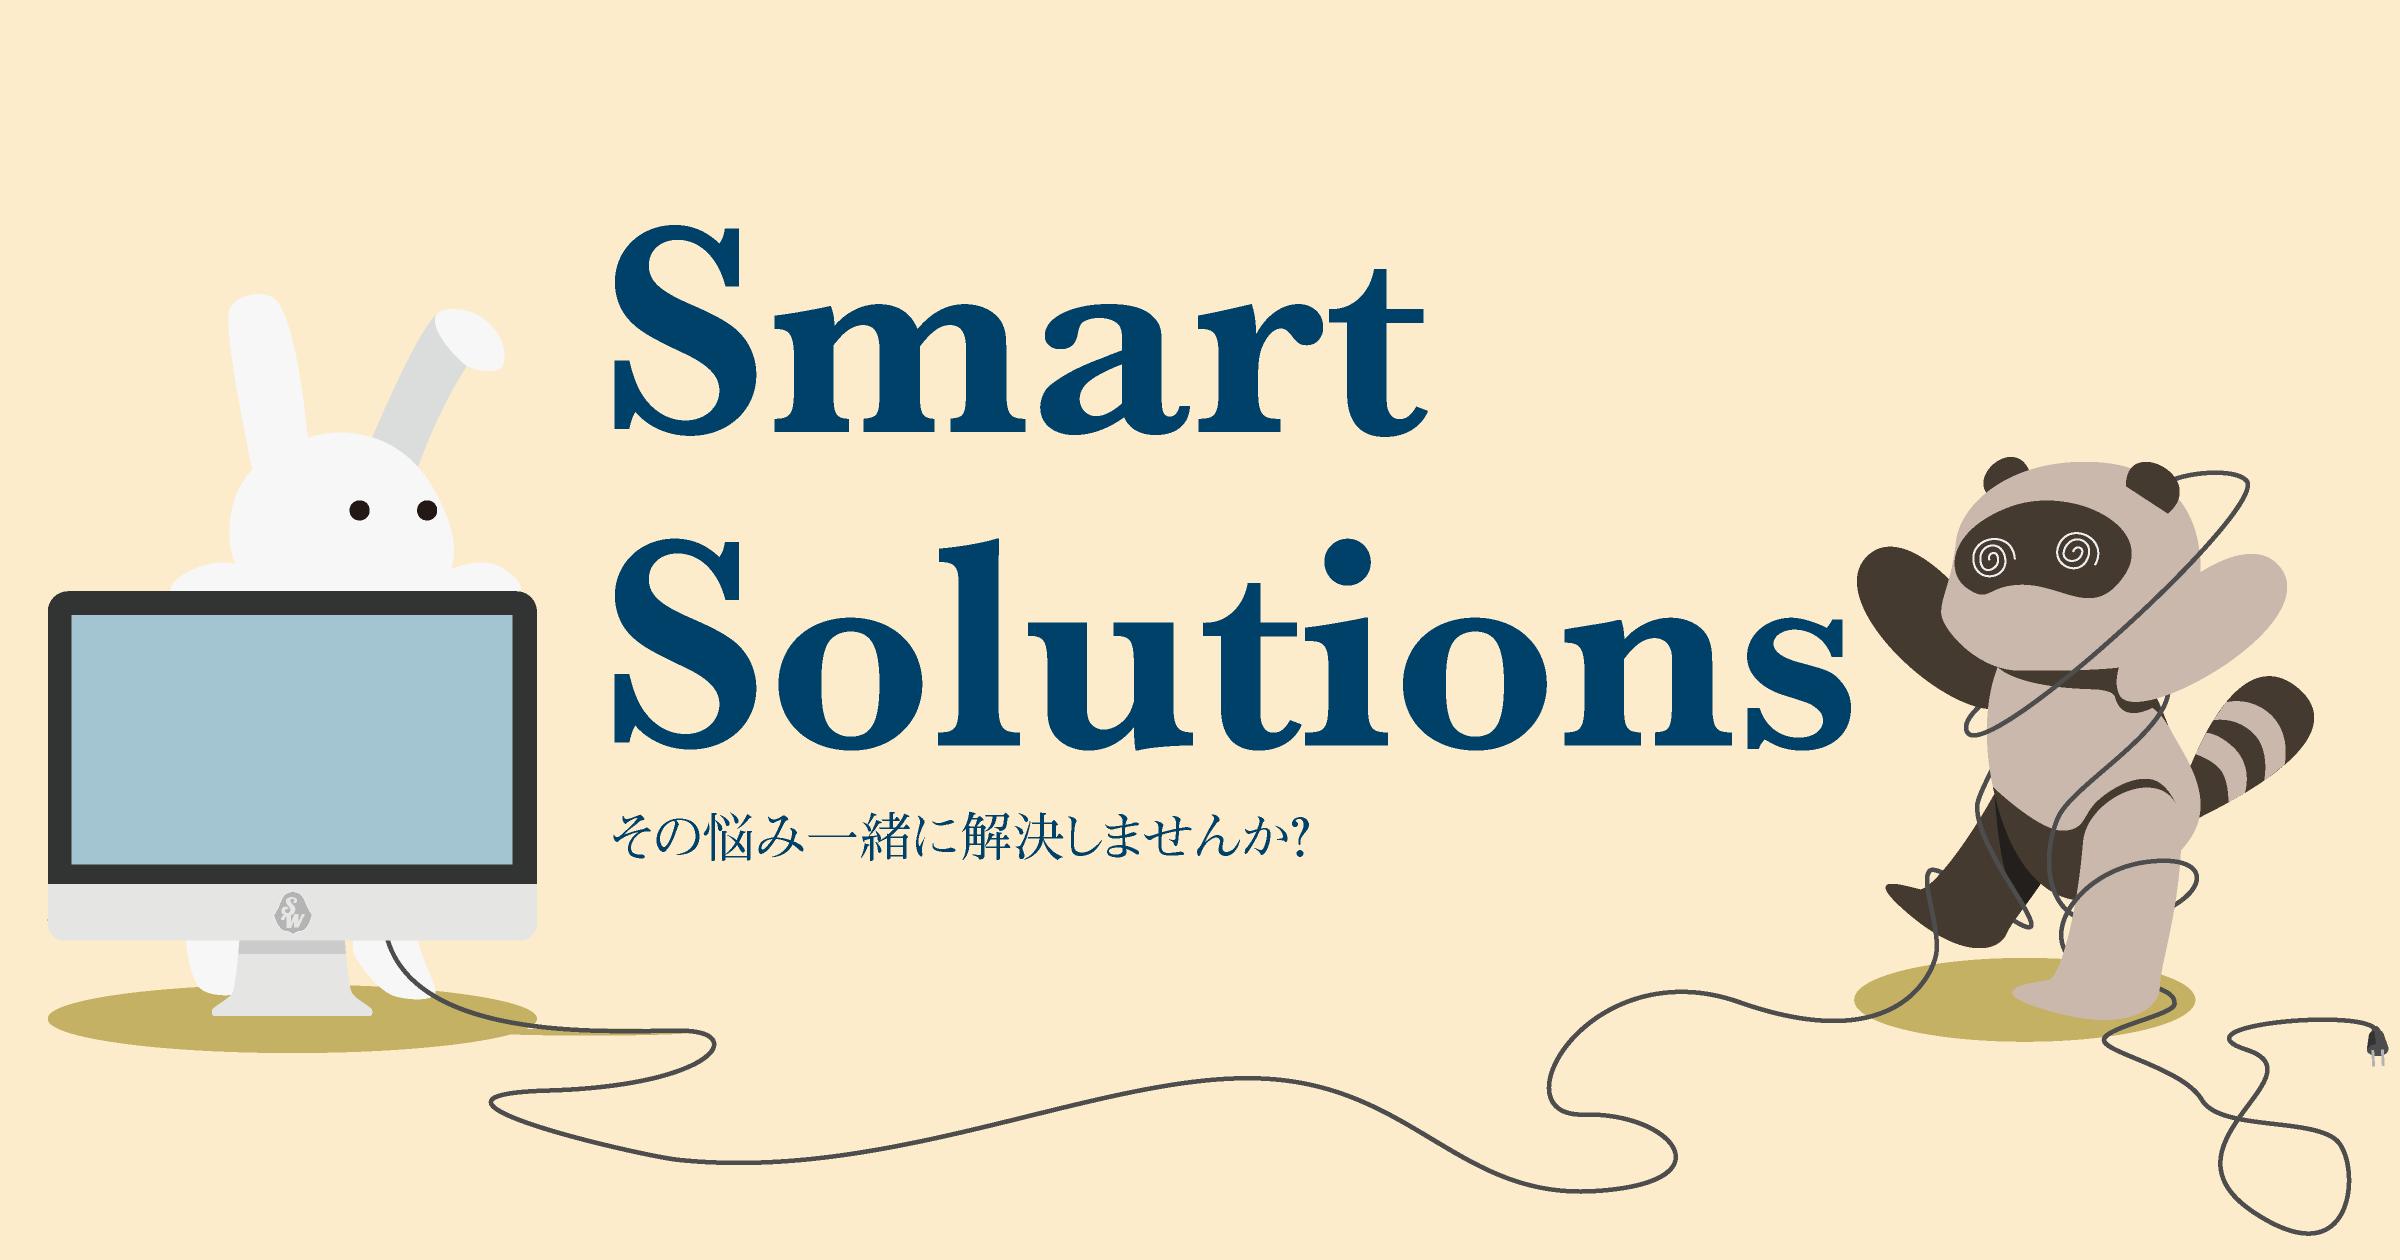 SmartWorkイラスト